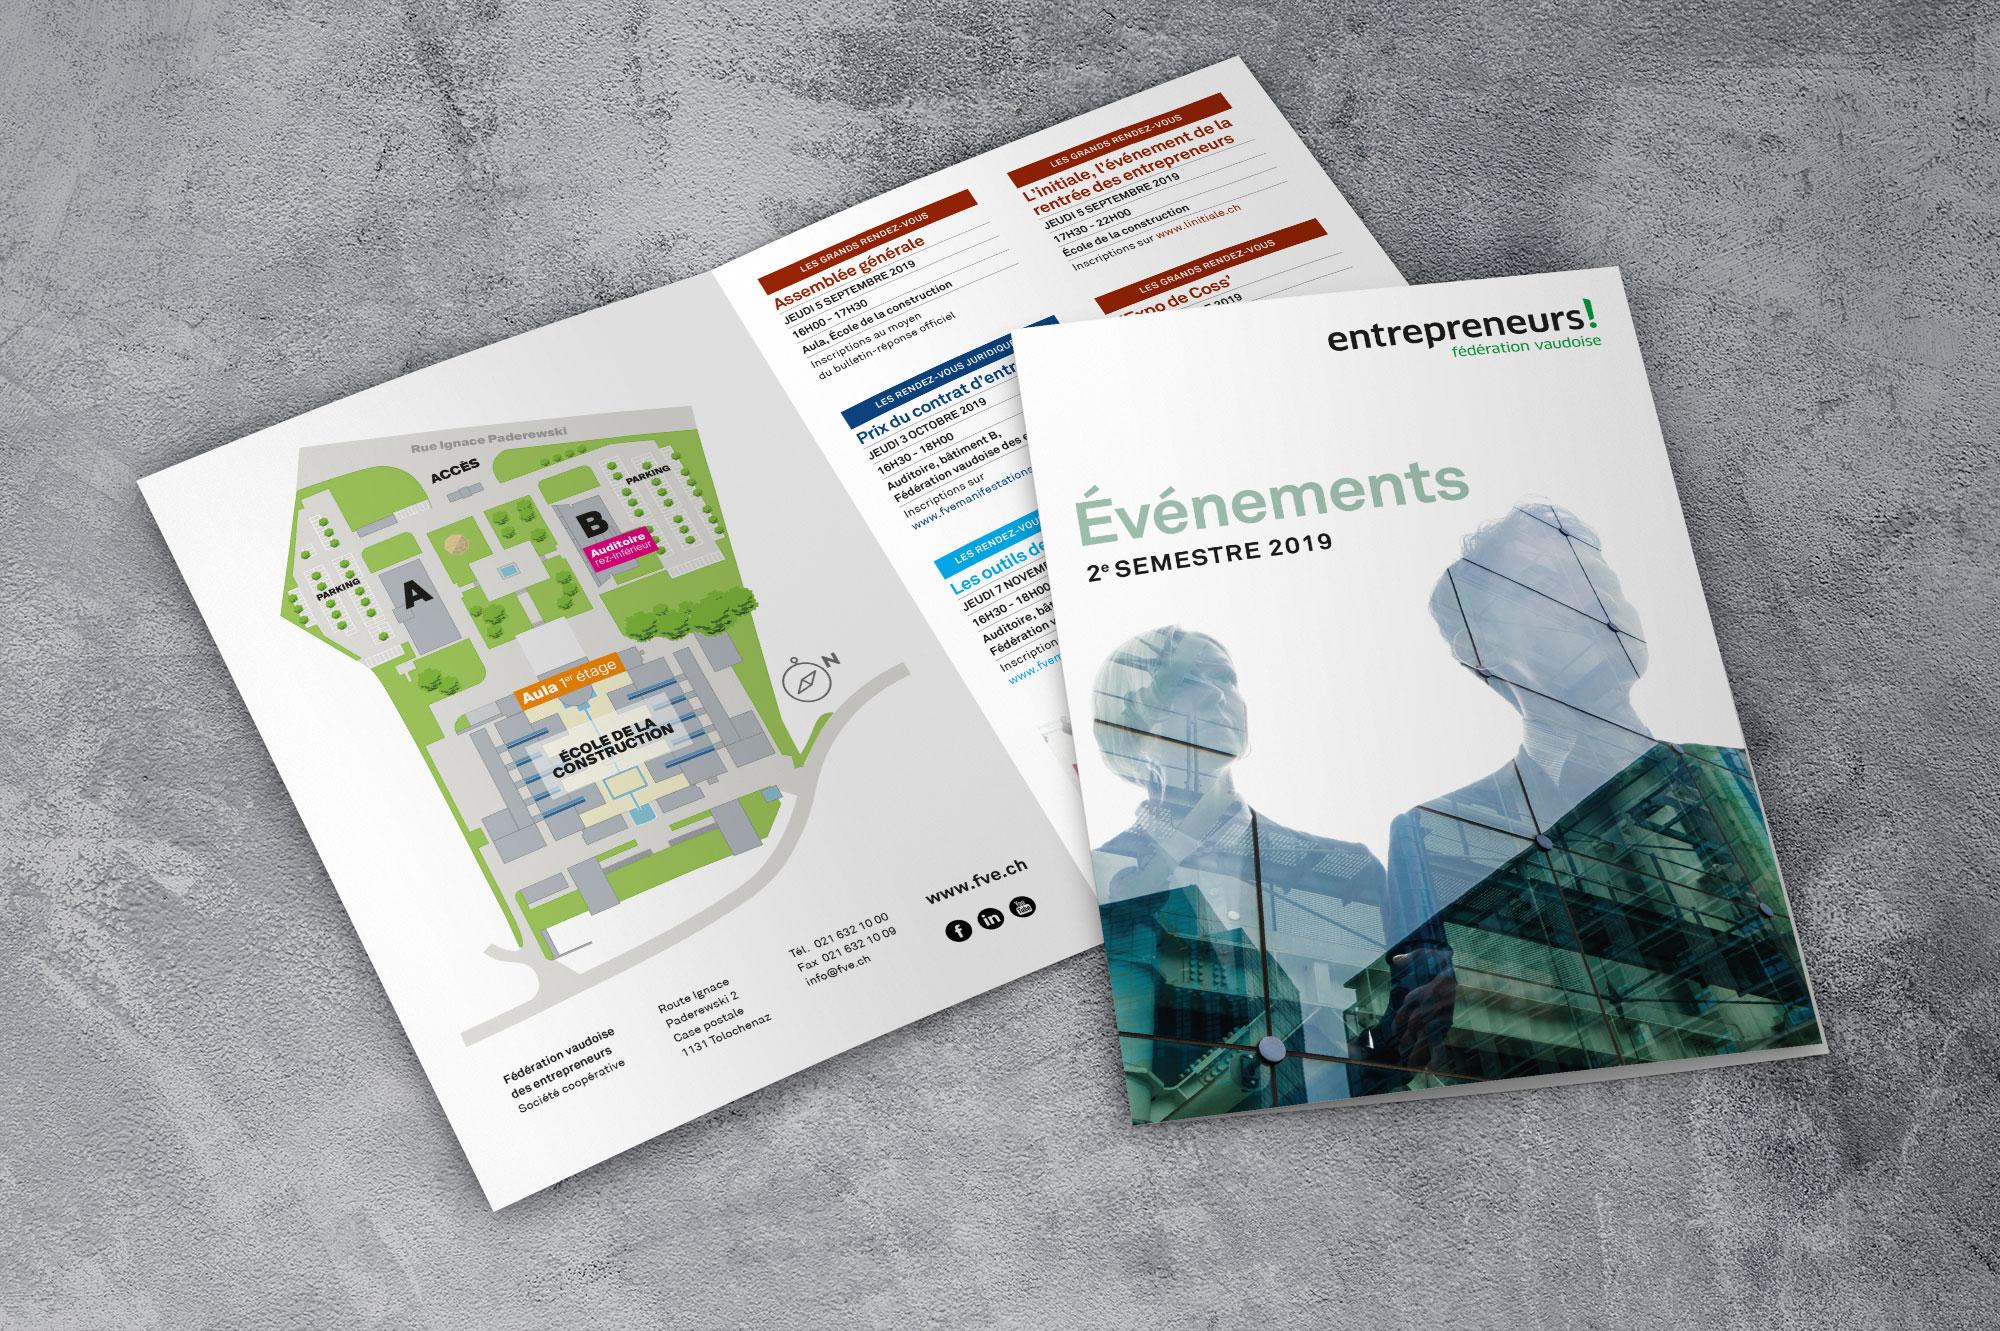 Fédération vaudoise des entrepreneurs  - Programme des événements du semestre - Haymoz design